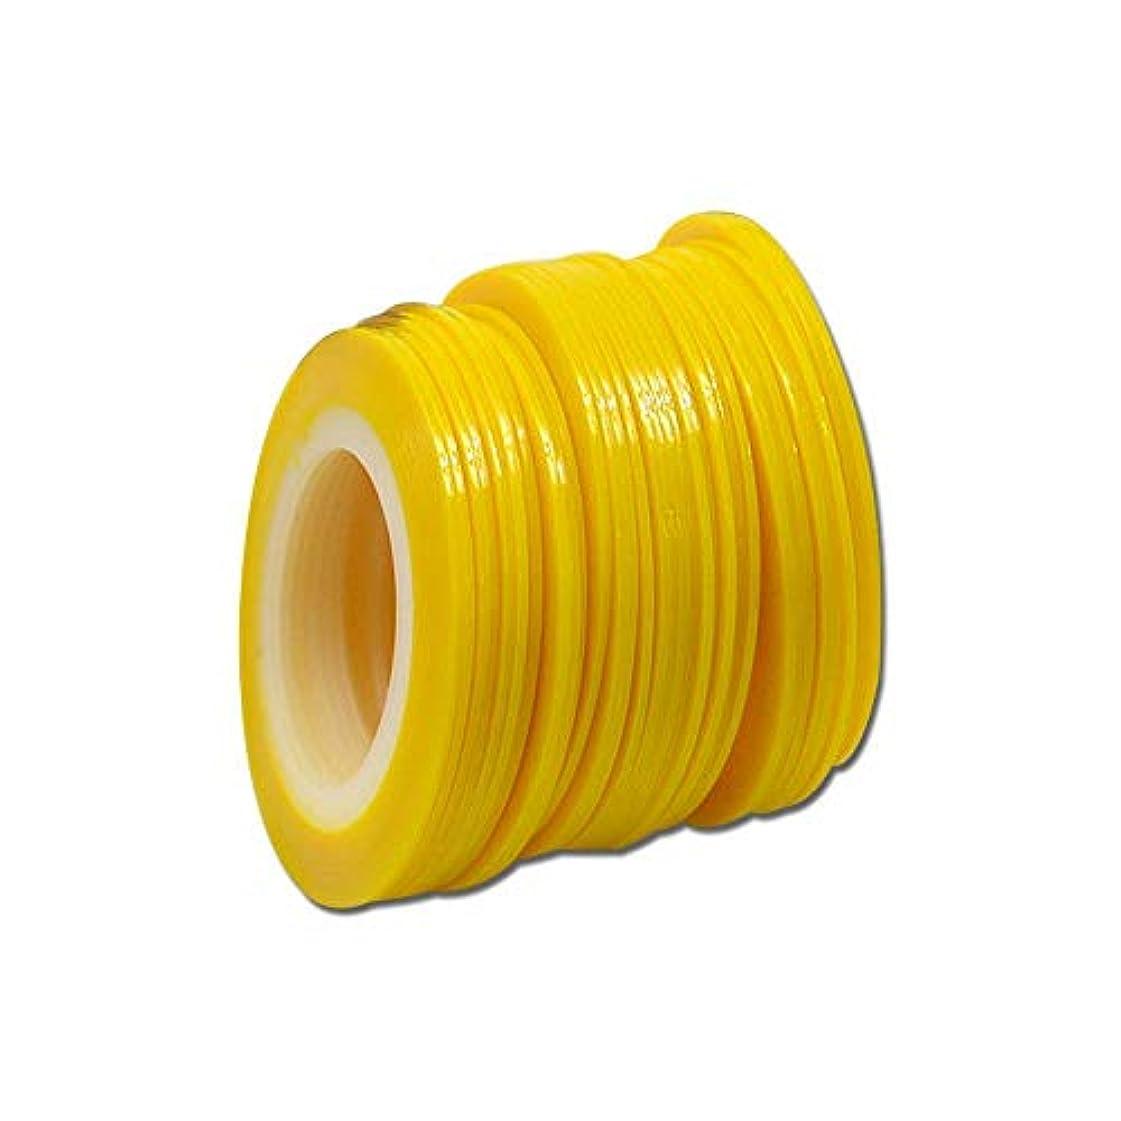 引き出し手荷物ラフトSUKTI&XIAO ネイルステッカー 100個1ミリメートル色蛍光ストライプライン美容のヒントネイルステッカーネイルアートロールストライピング、黄色